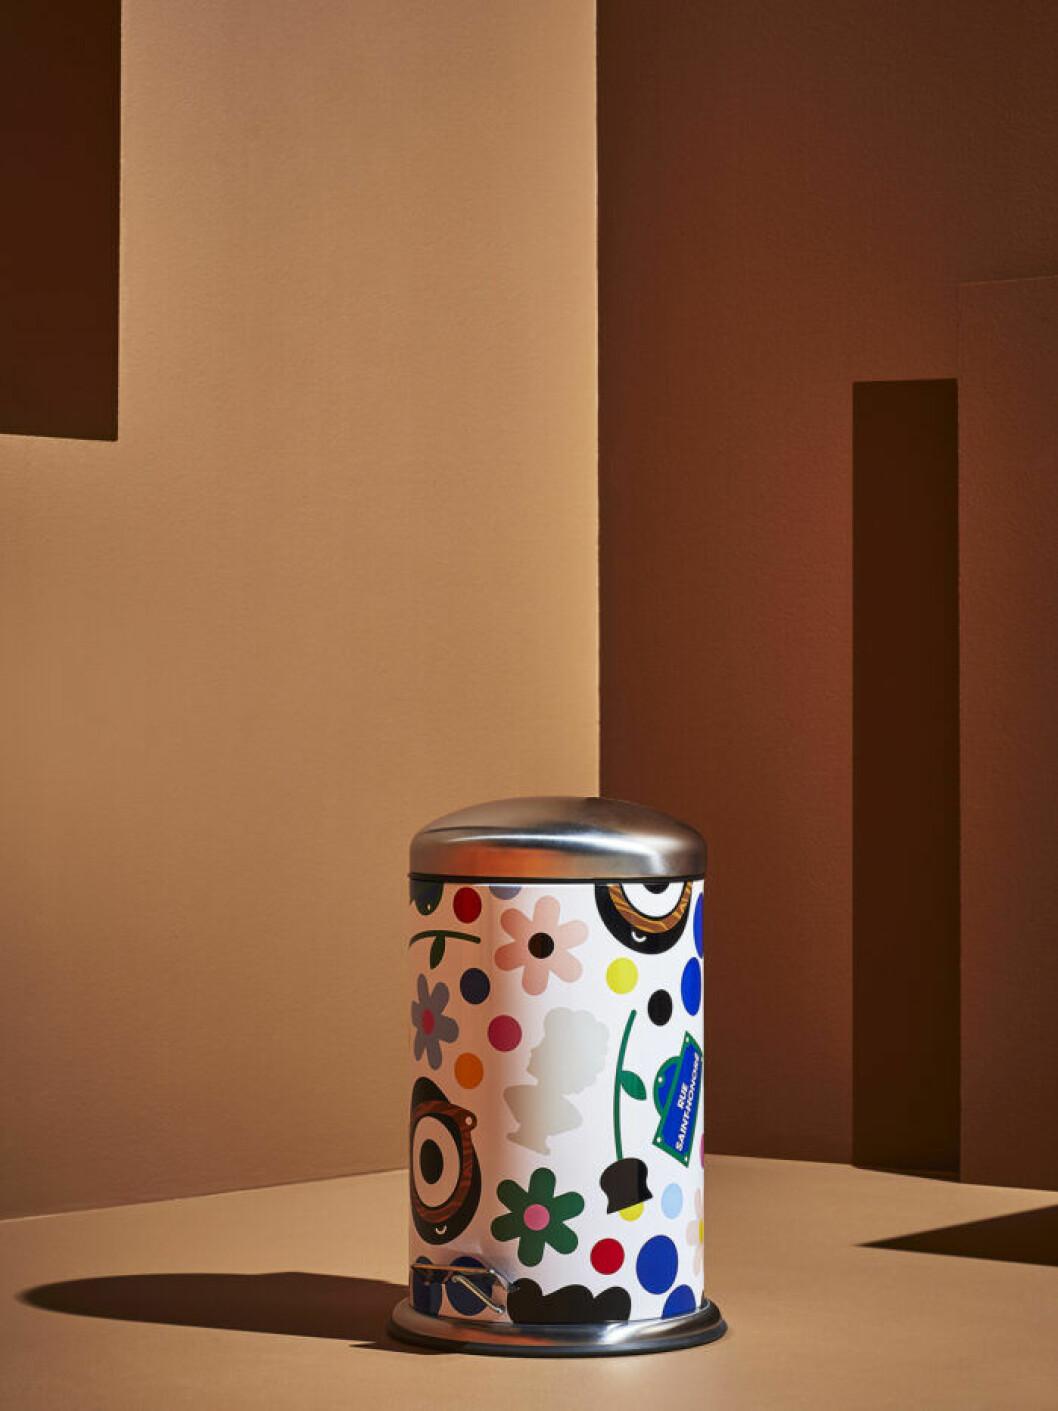 Pedalhink i design av Colettes Sarah Andelman och konstnären Craig Redman.